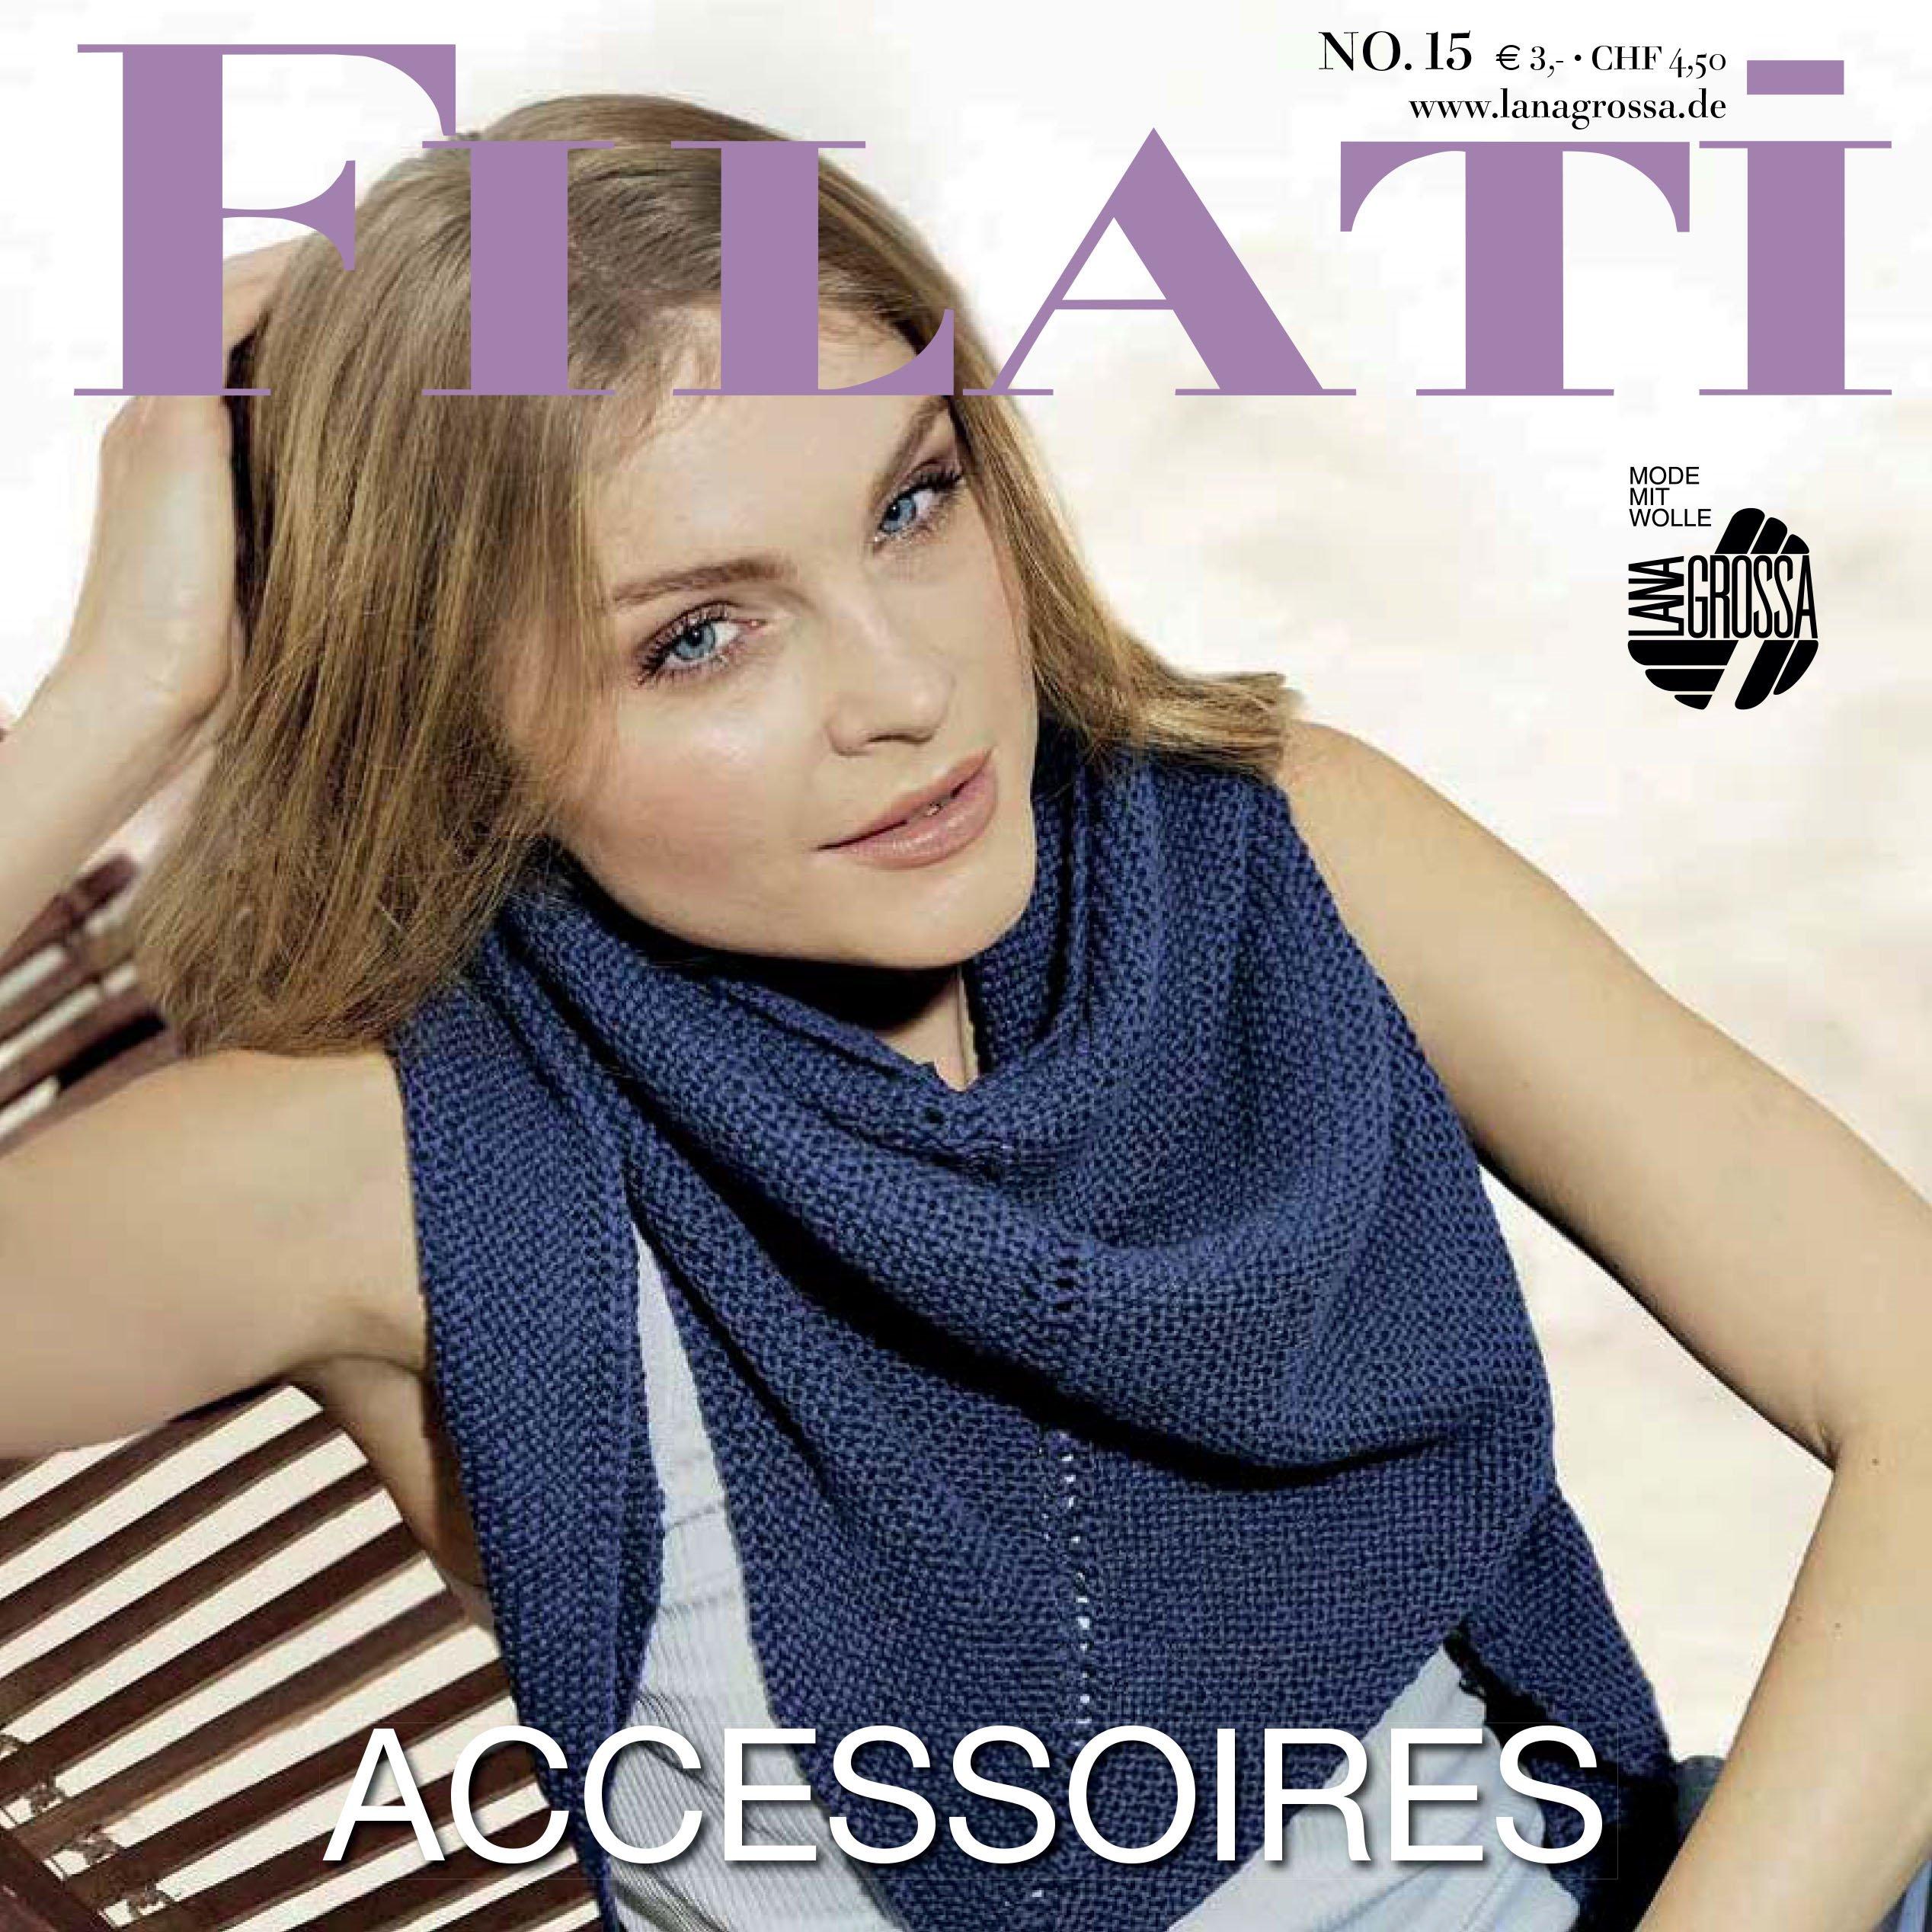 Lana Grossa FILATI Accessoires No. 15 - Журнал на немецком и на русском языке инструкции